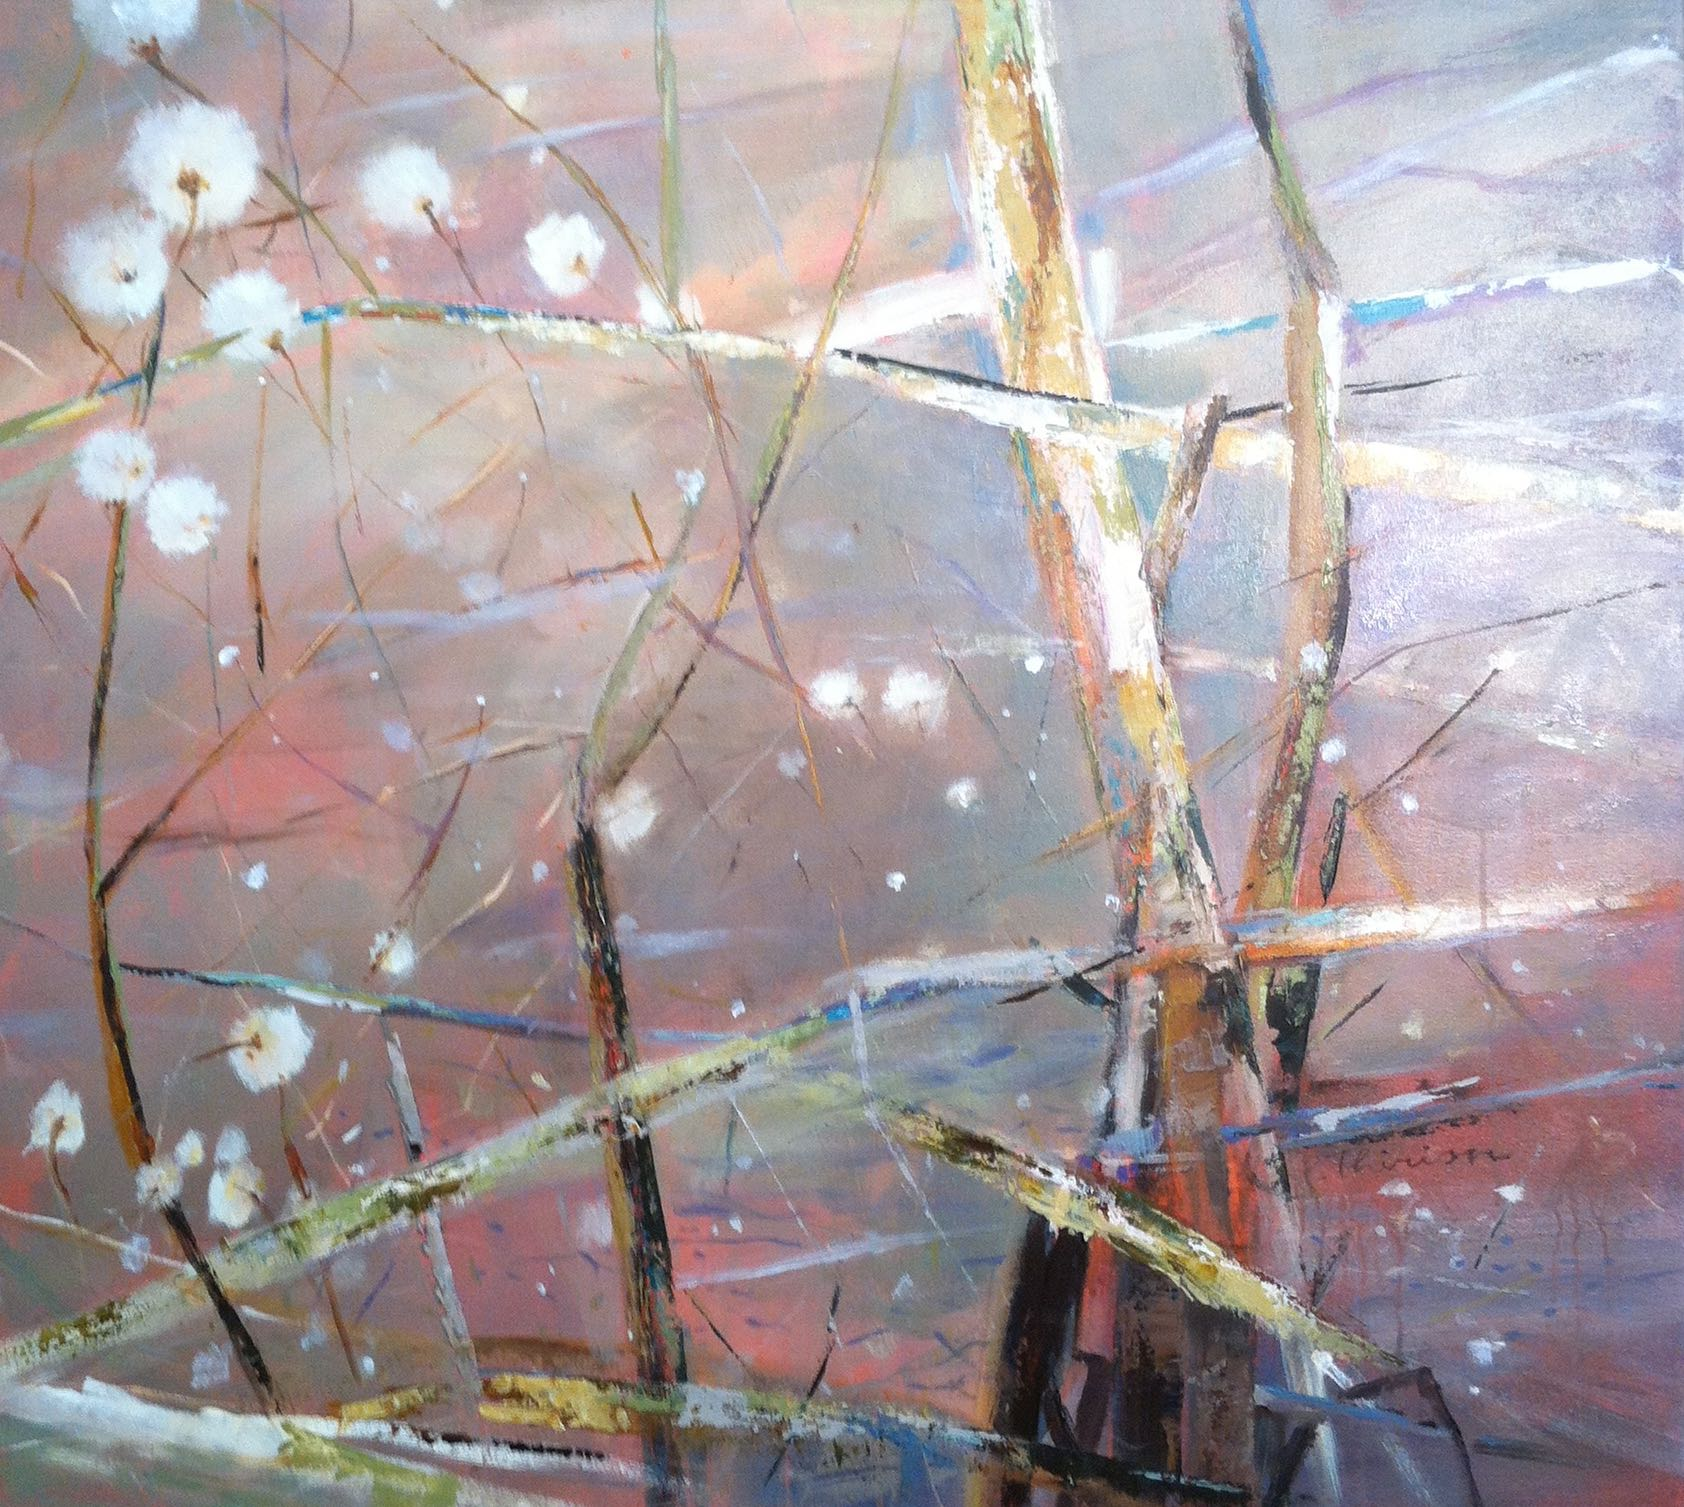 Pond experience 1 - $2,900 Acrylic on canvas